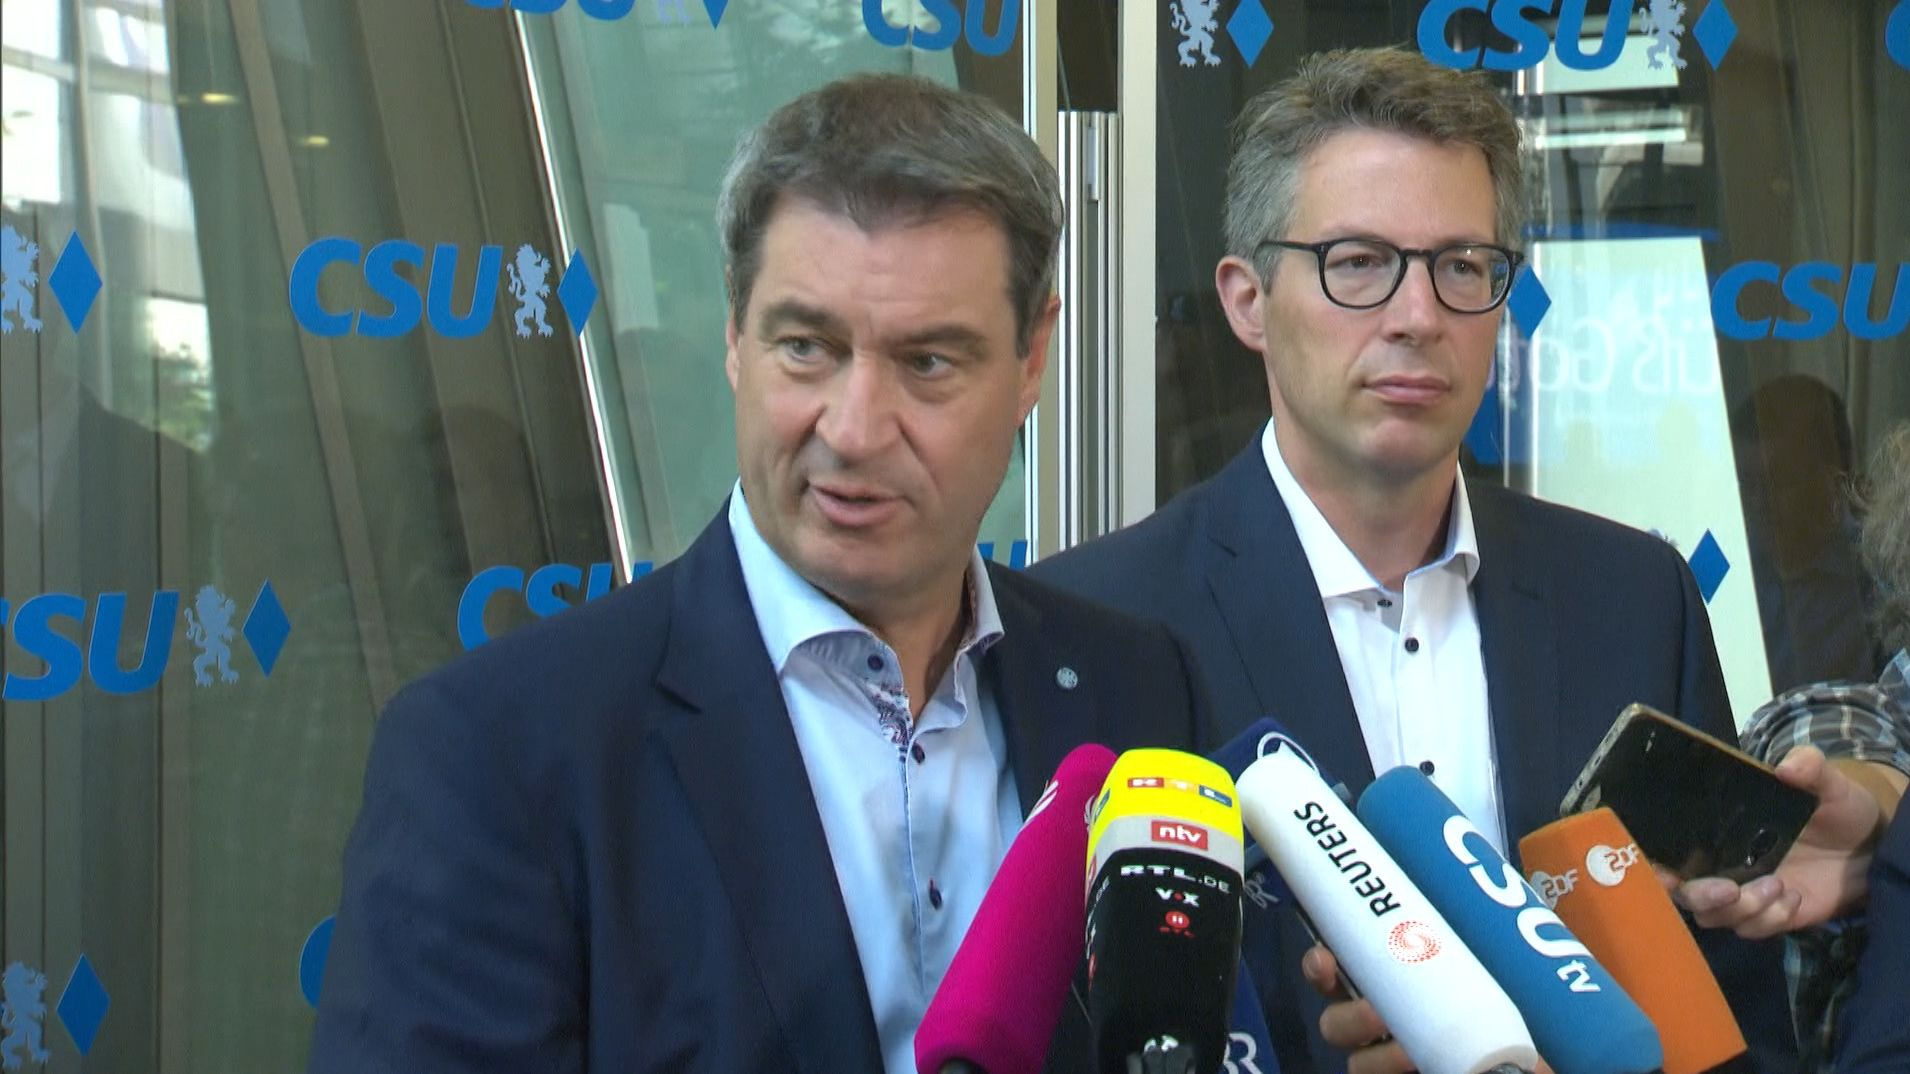 Nach dem Scheitern der deutschen Pkw-Maut setzt CSU-Chef Markus Söder auf eine europaweit einheitliche Regelung.